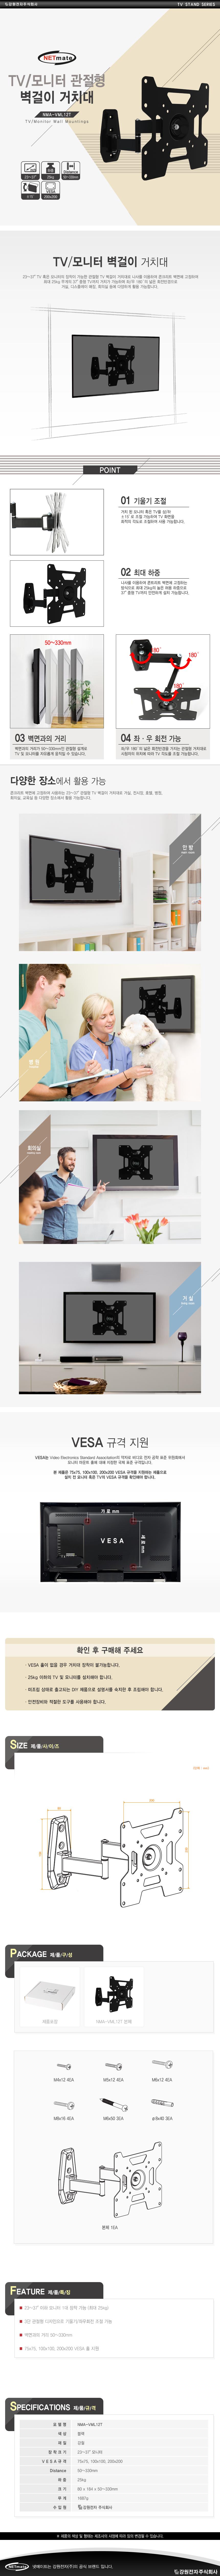 강원전자 NETmate TV 모니터 관절형 벽걸이 거치대 NMA-VML12T